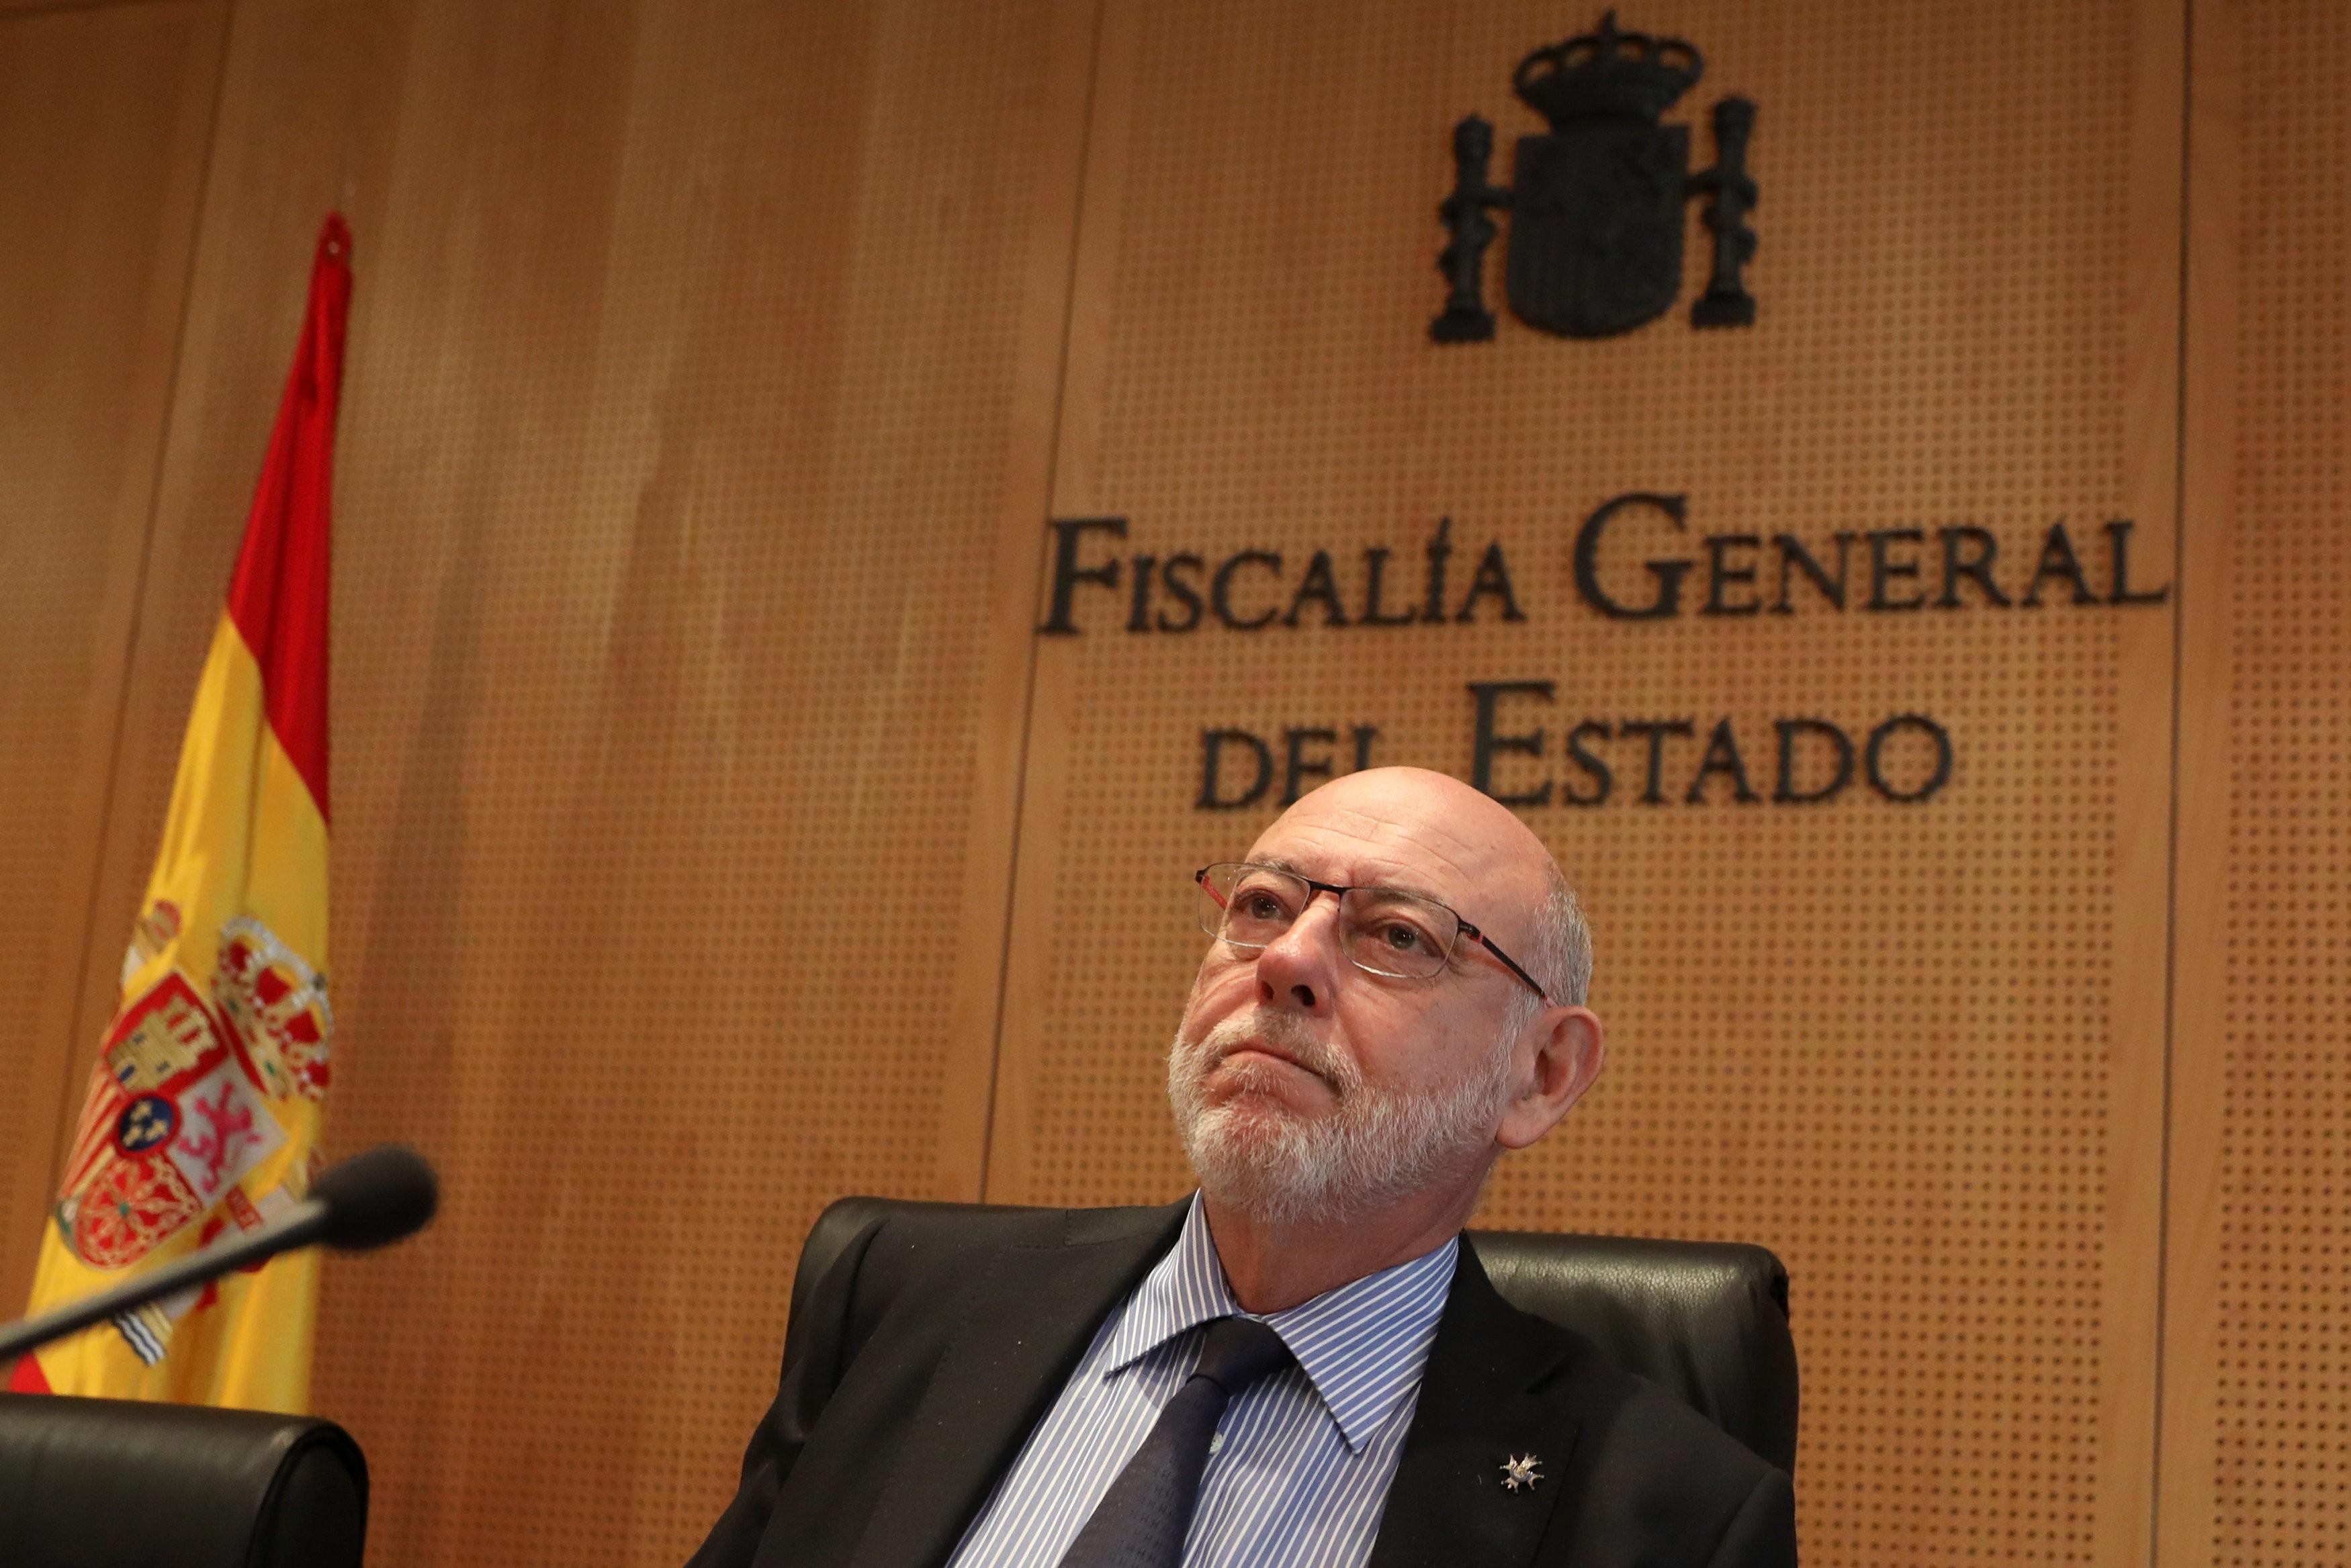 Procurador-geral da Espanha morre após ser internado em clínica na Argentina